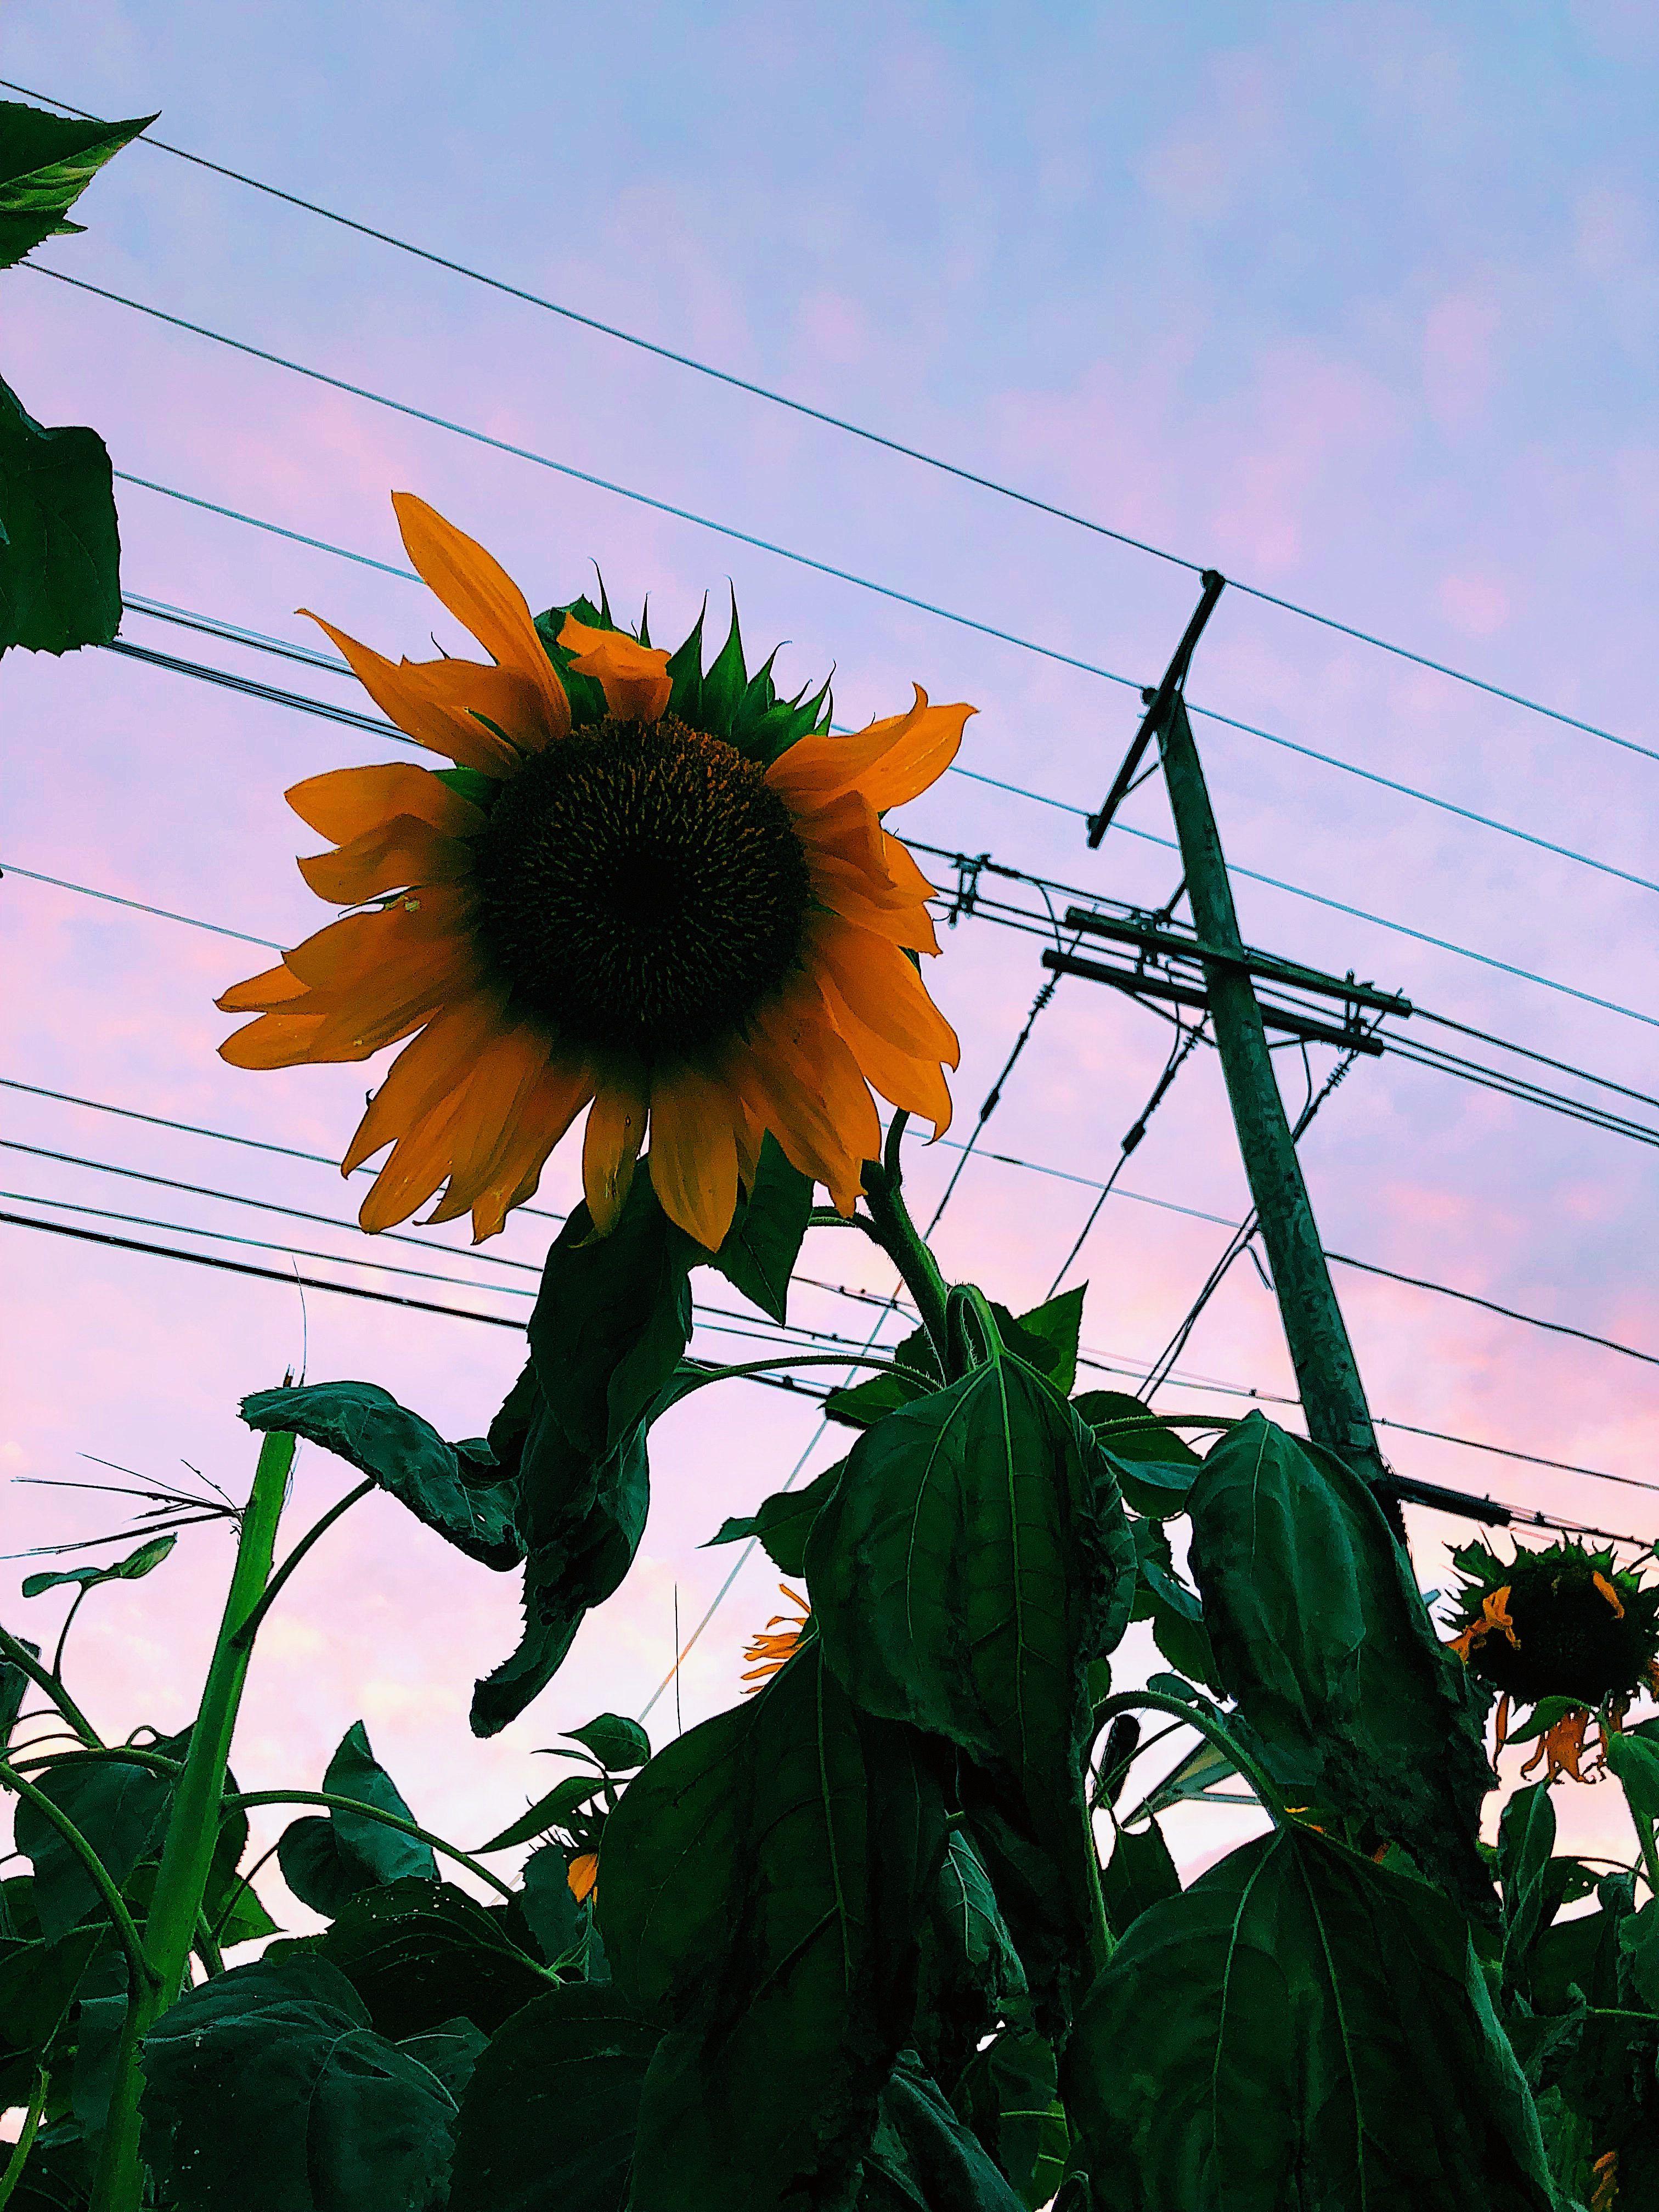 Aesthetic Sunset Vsco Sunflower Vsco Pictures Sunflower Sunset Instagram